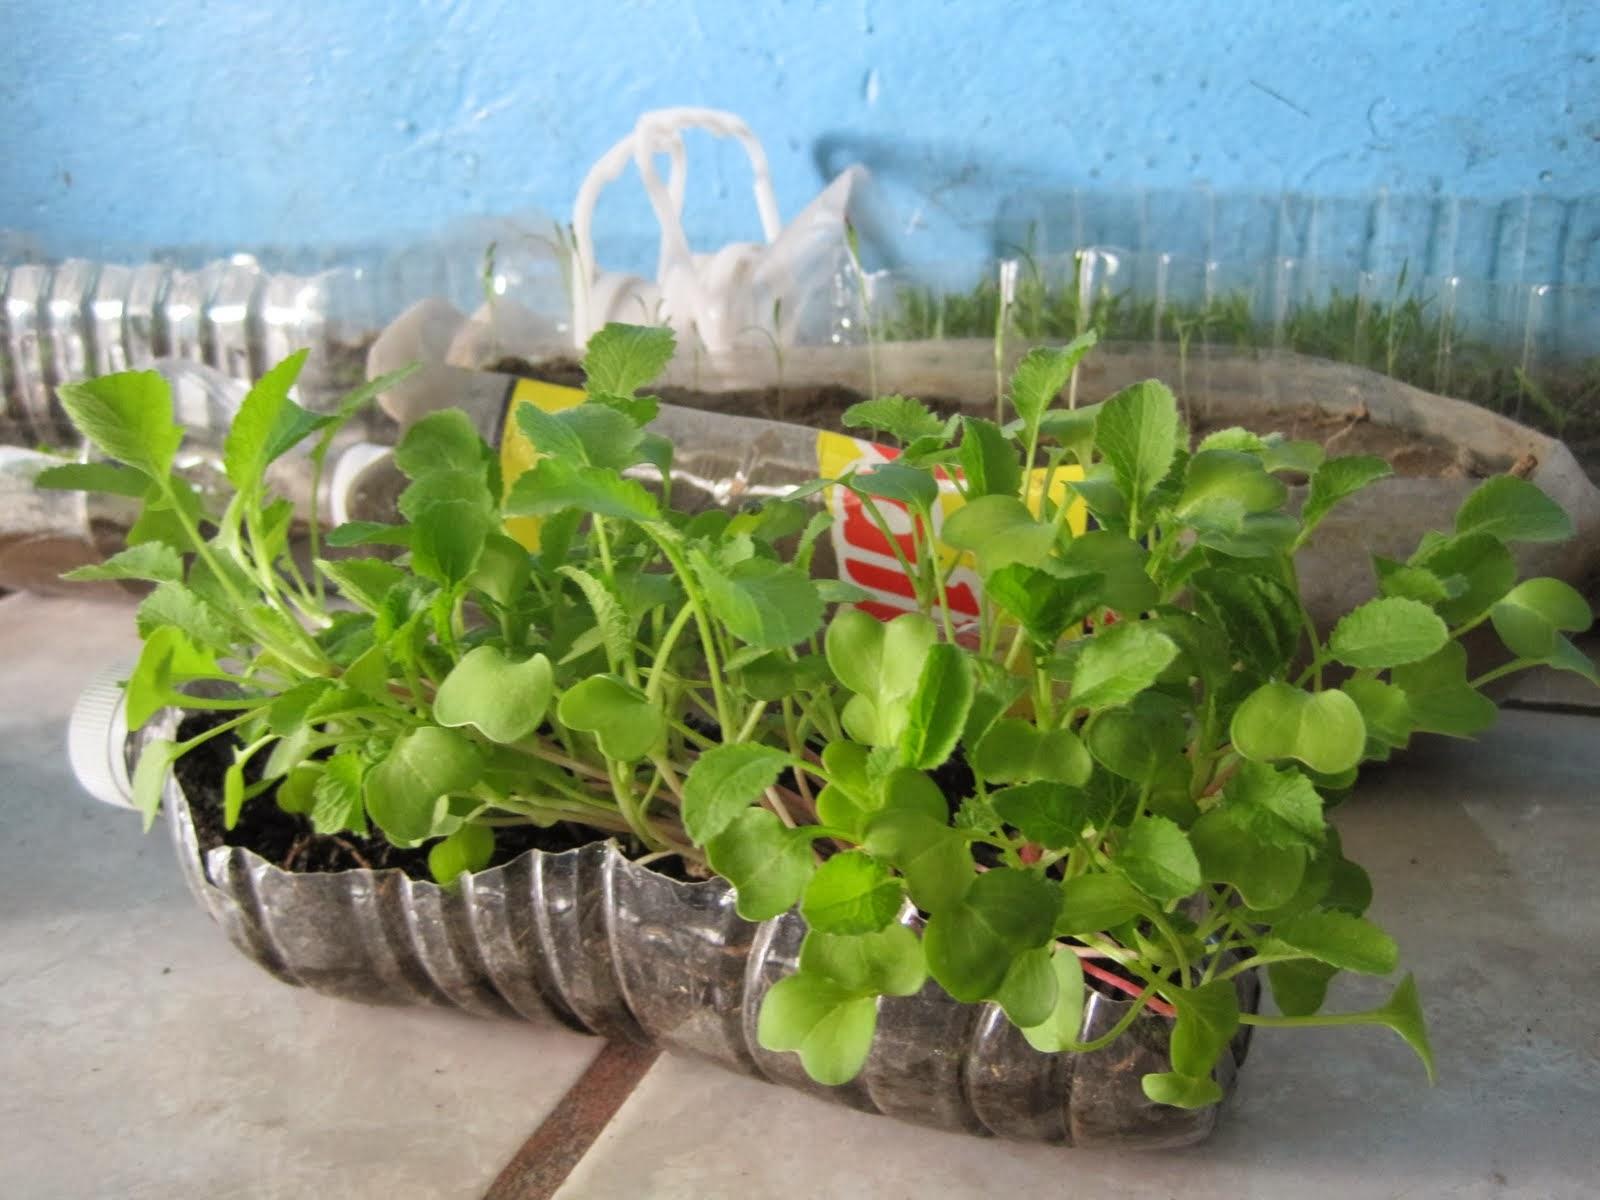 Primaria aprender es f cil reto voluntario conocimiento - Como construir un terrario ...